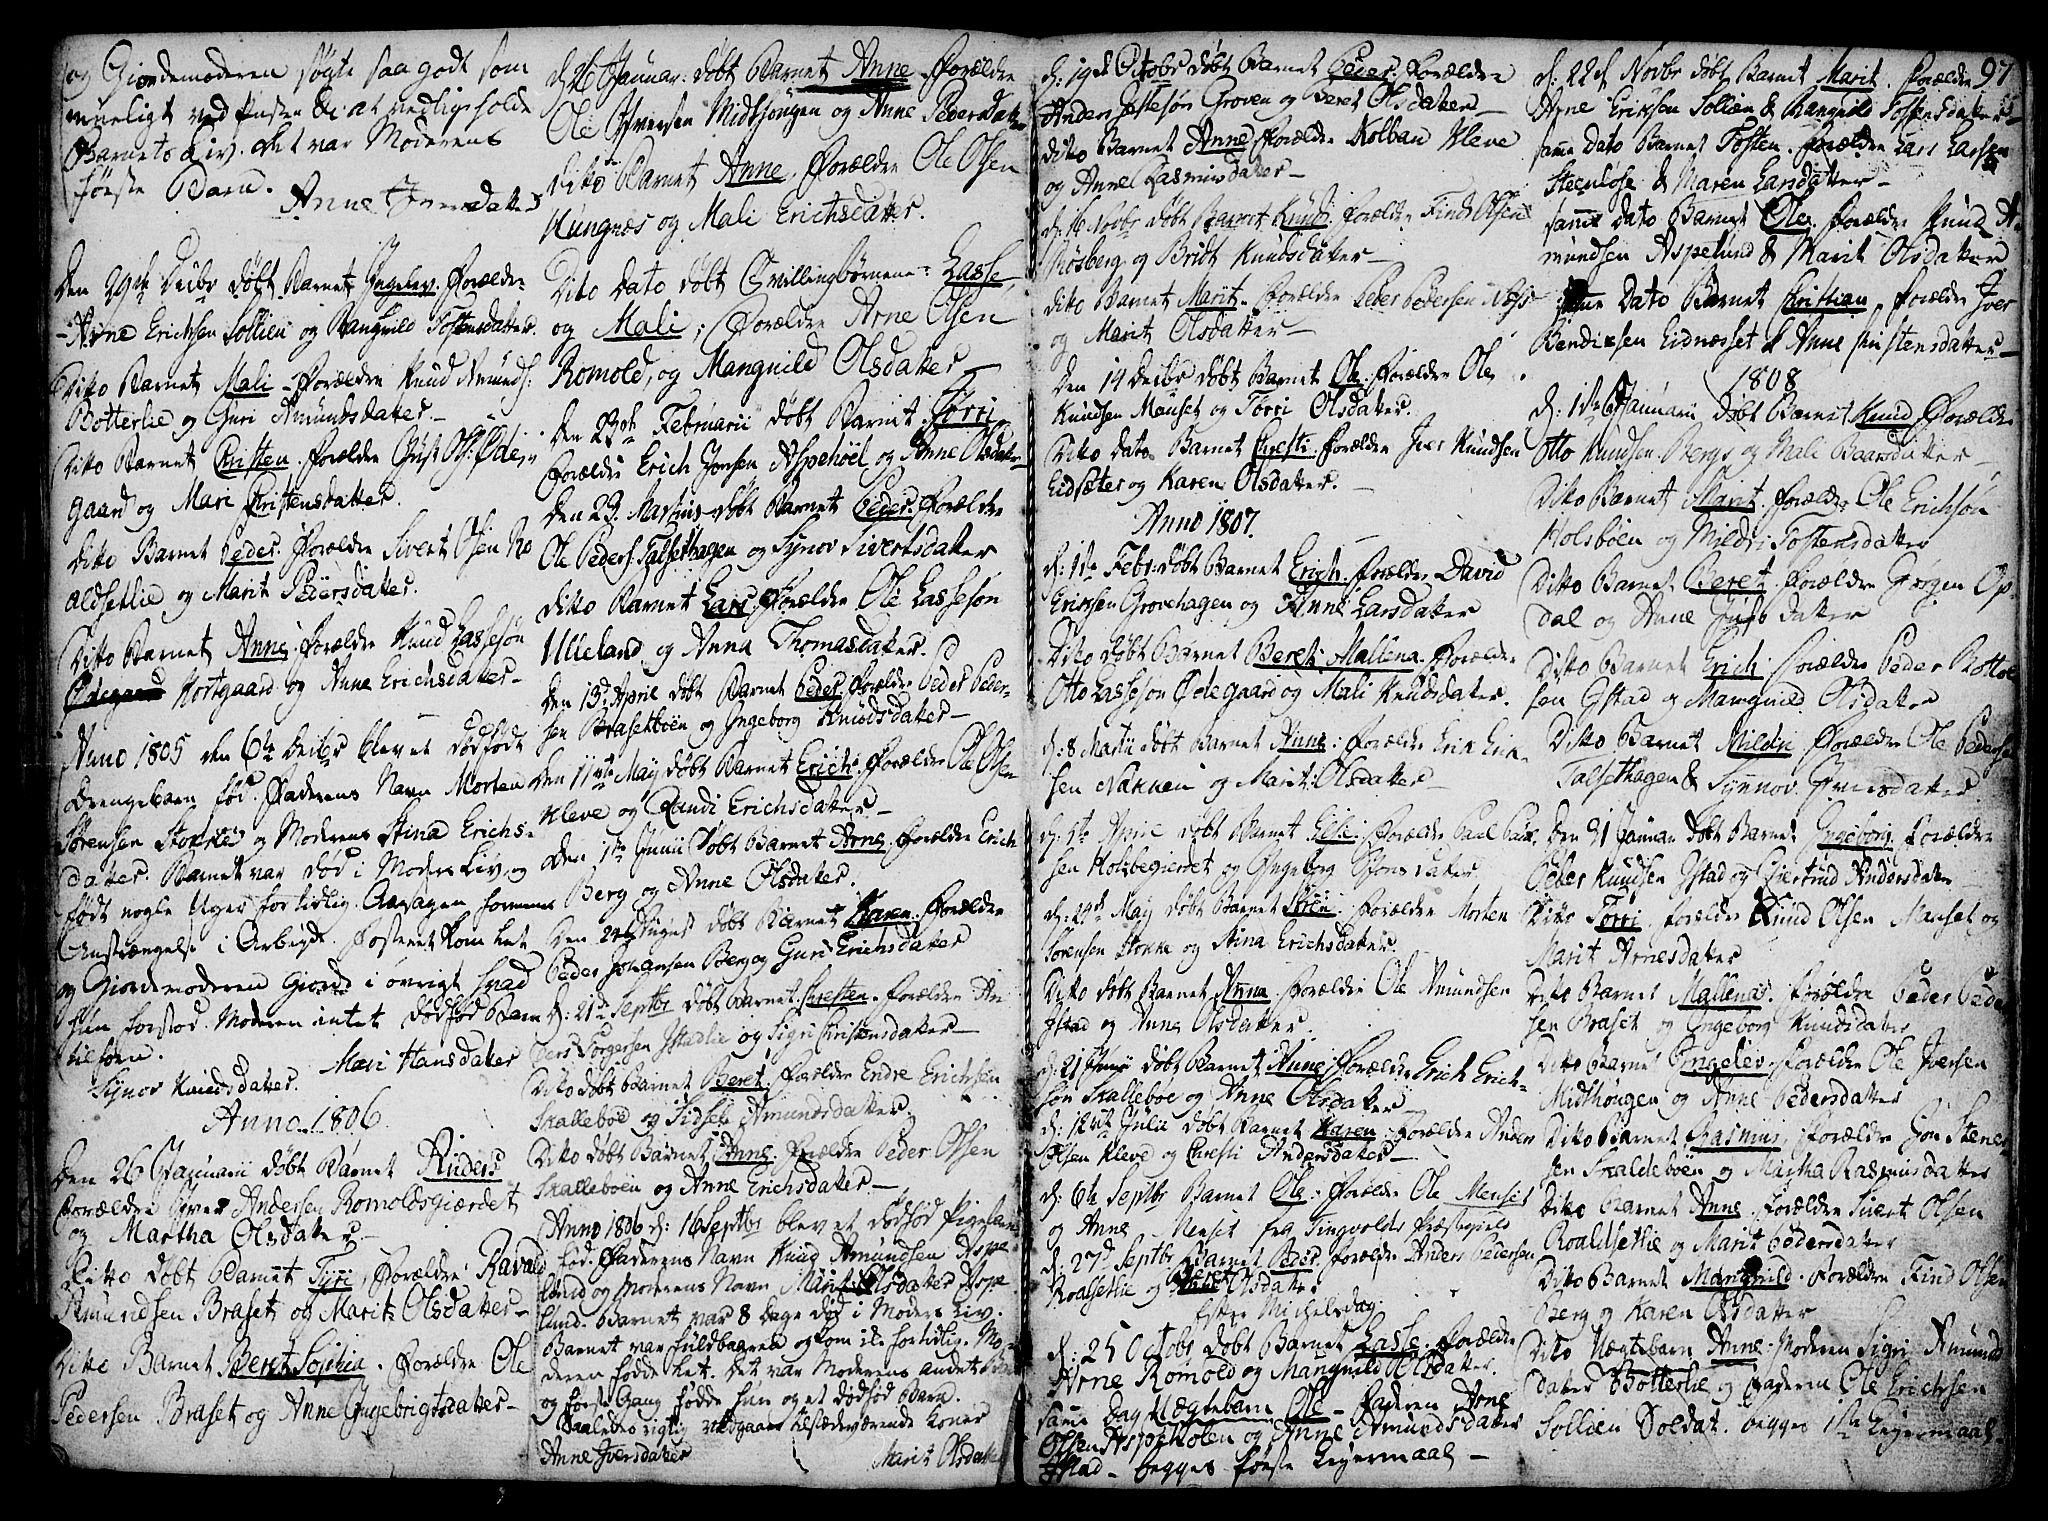 SAT, Ministerialprotokoller, klokkerbøker og fødselsregistre - Møre og Romsdal, 555/L0650: Ministerialbok nr. 555A02 /2, 1798-1821, s. 97